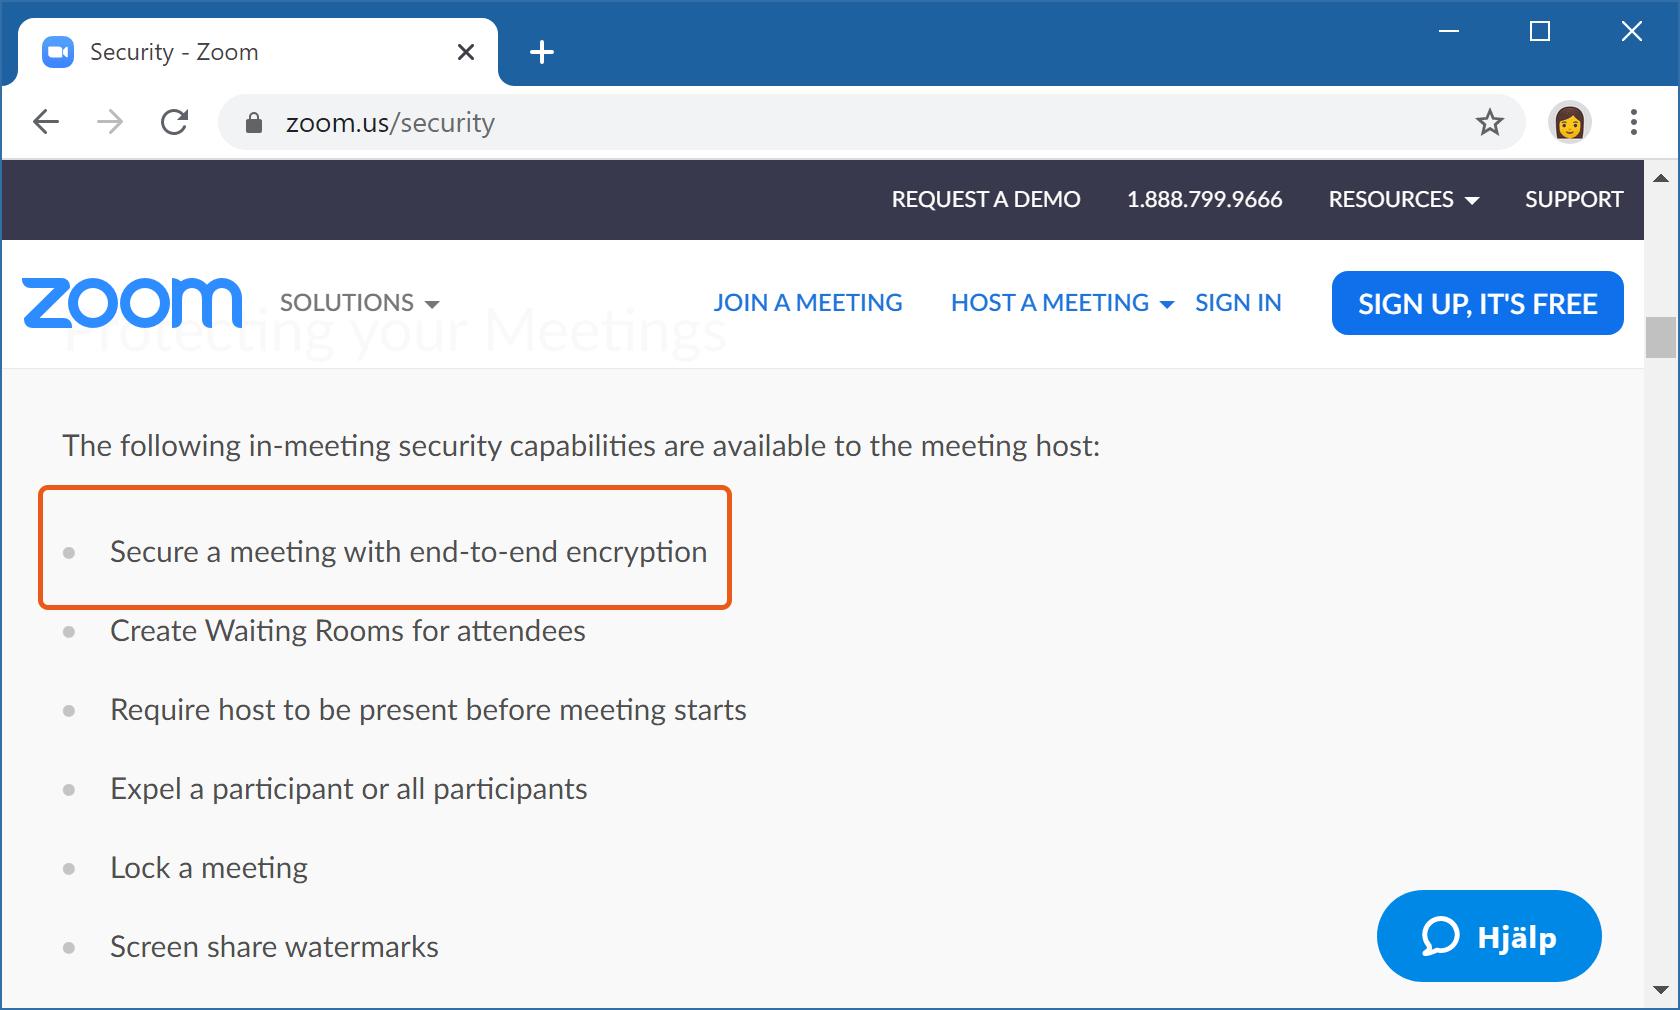 Zooms webbsida om säkerheten